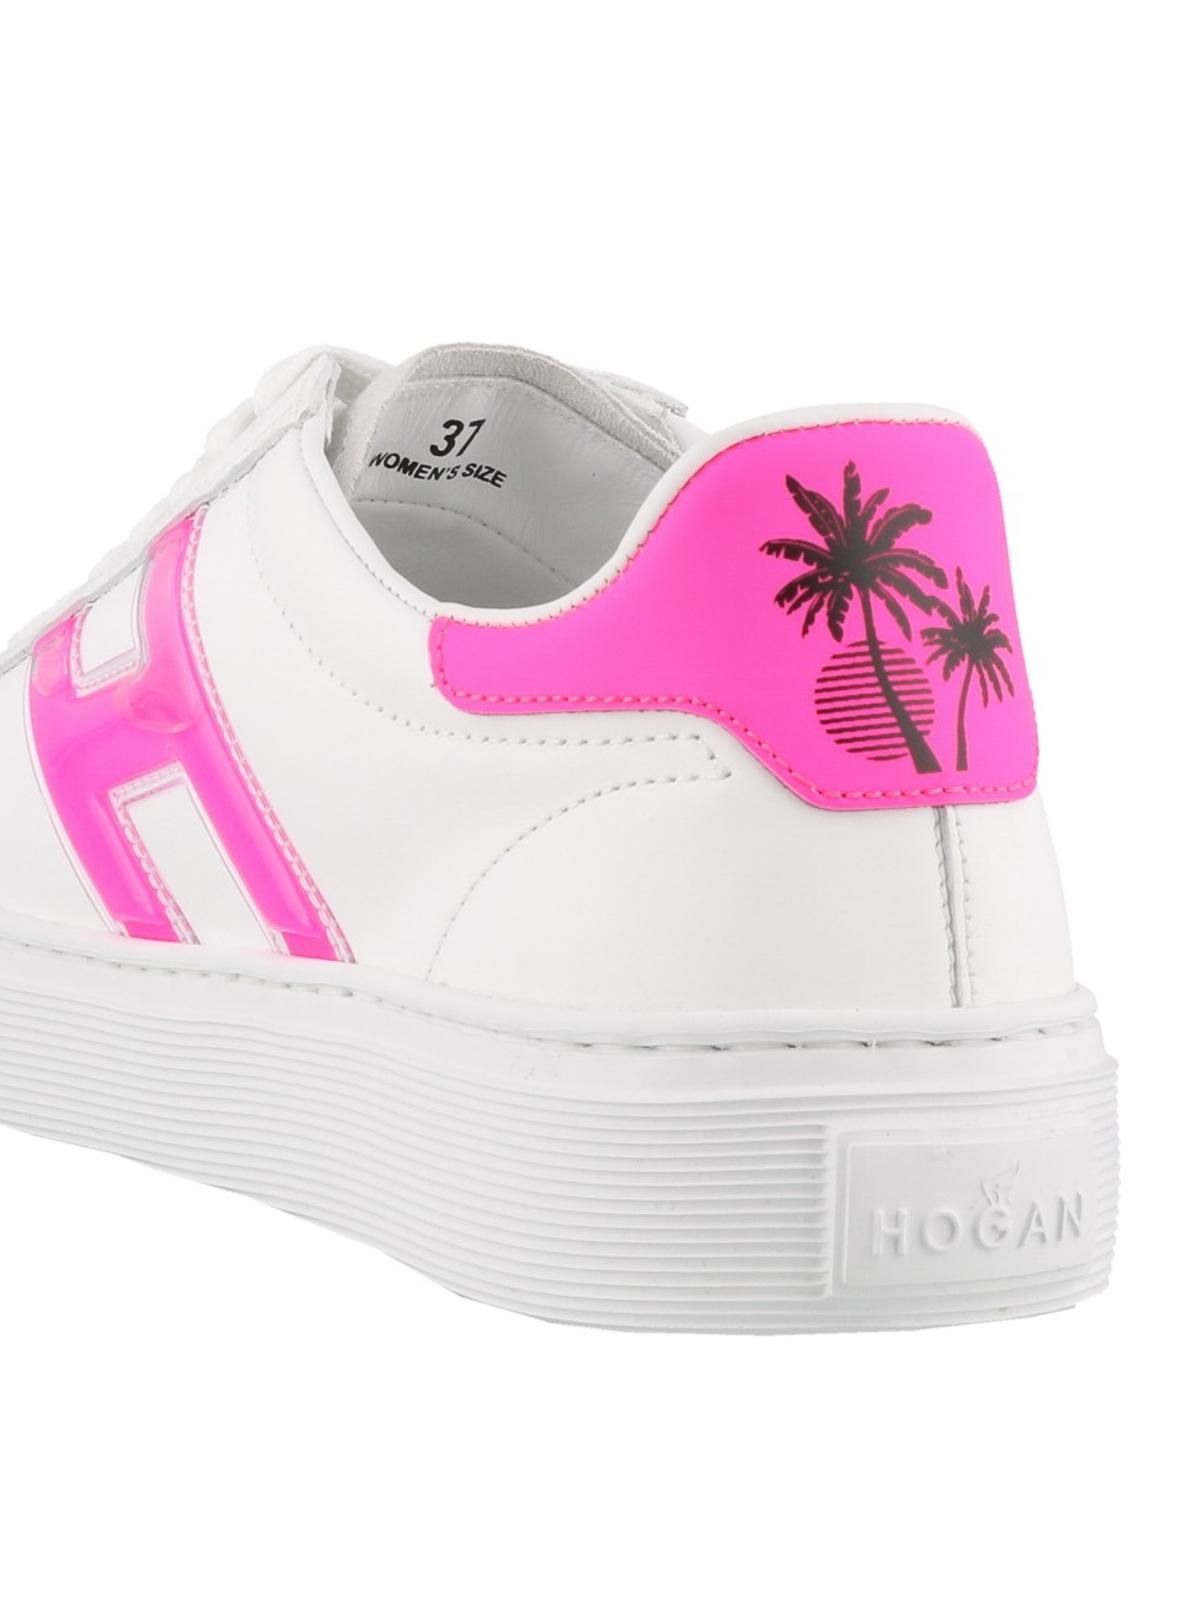 Sneakers Hogan - Sneaker H365 con dettagli fluo - HXW3650BJ50KX93724